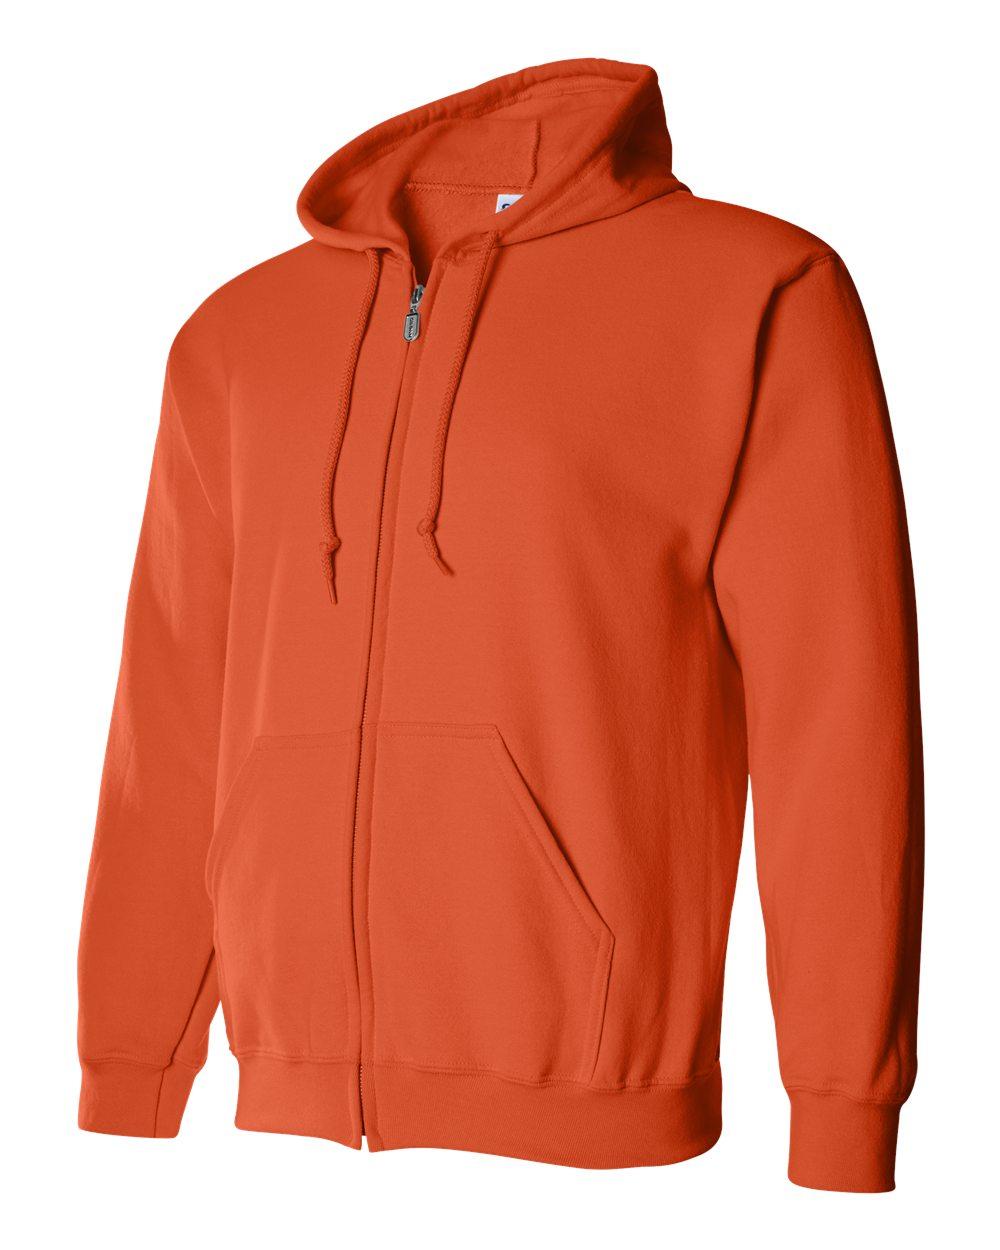 GIL18600 Oranje